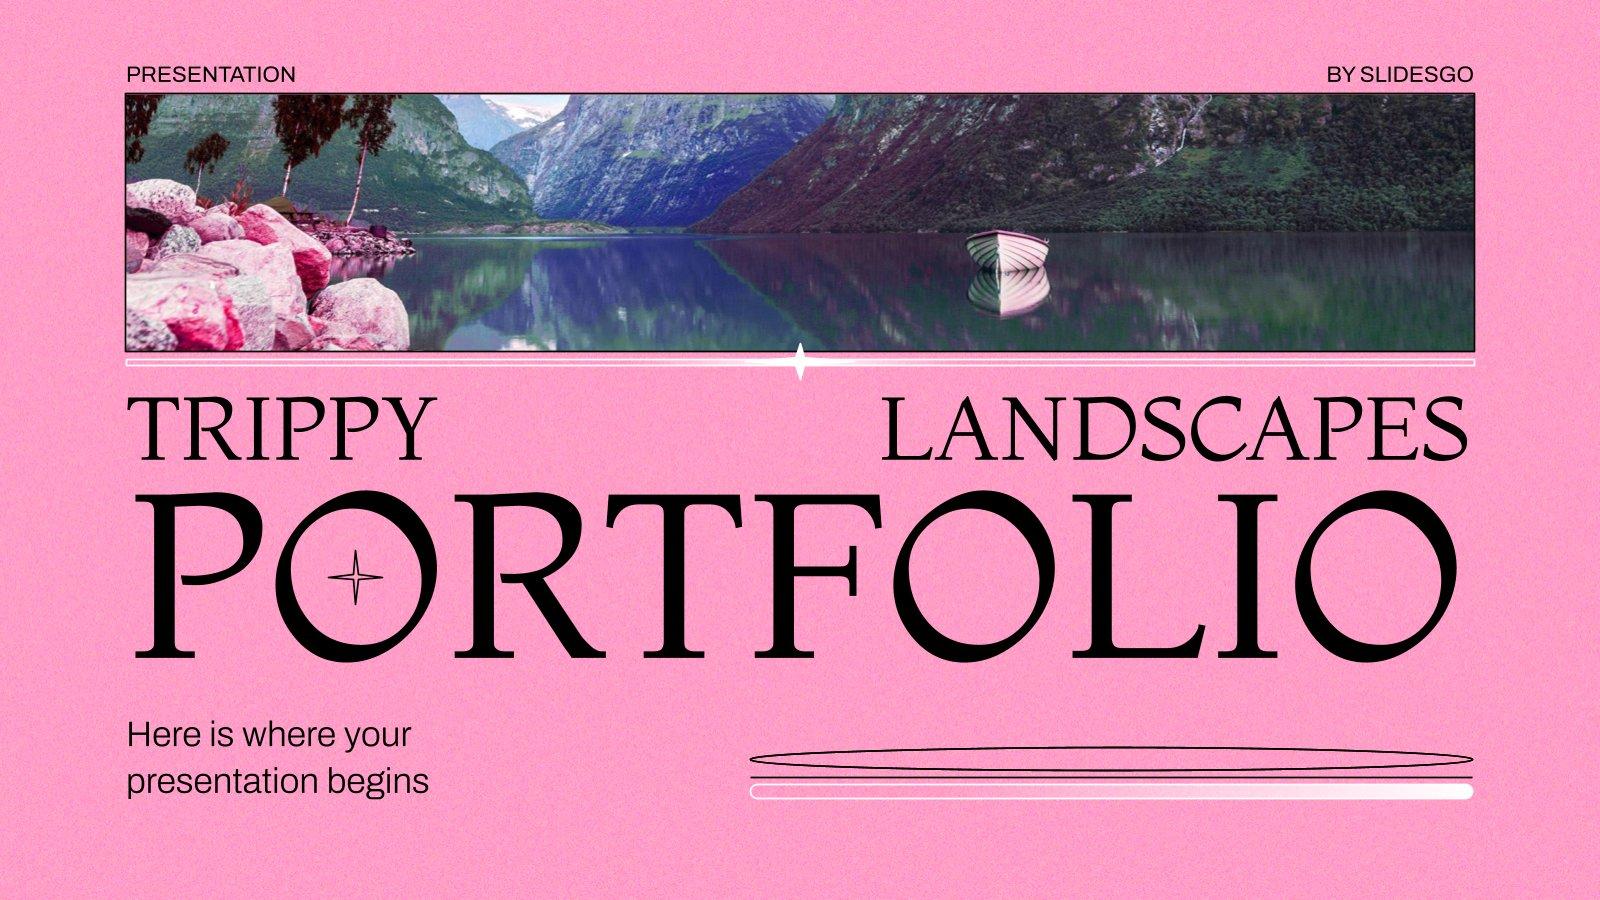 Plantilla de presentación Portafolio con paisajes de colores extraños